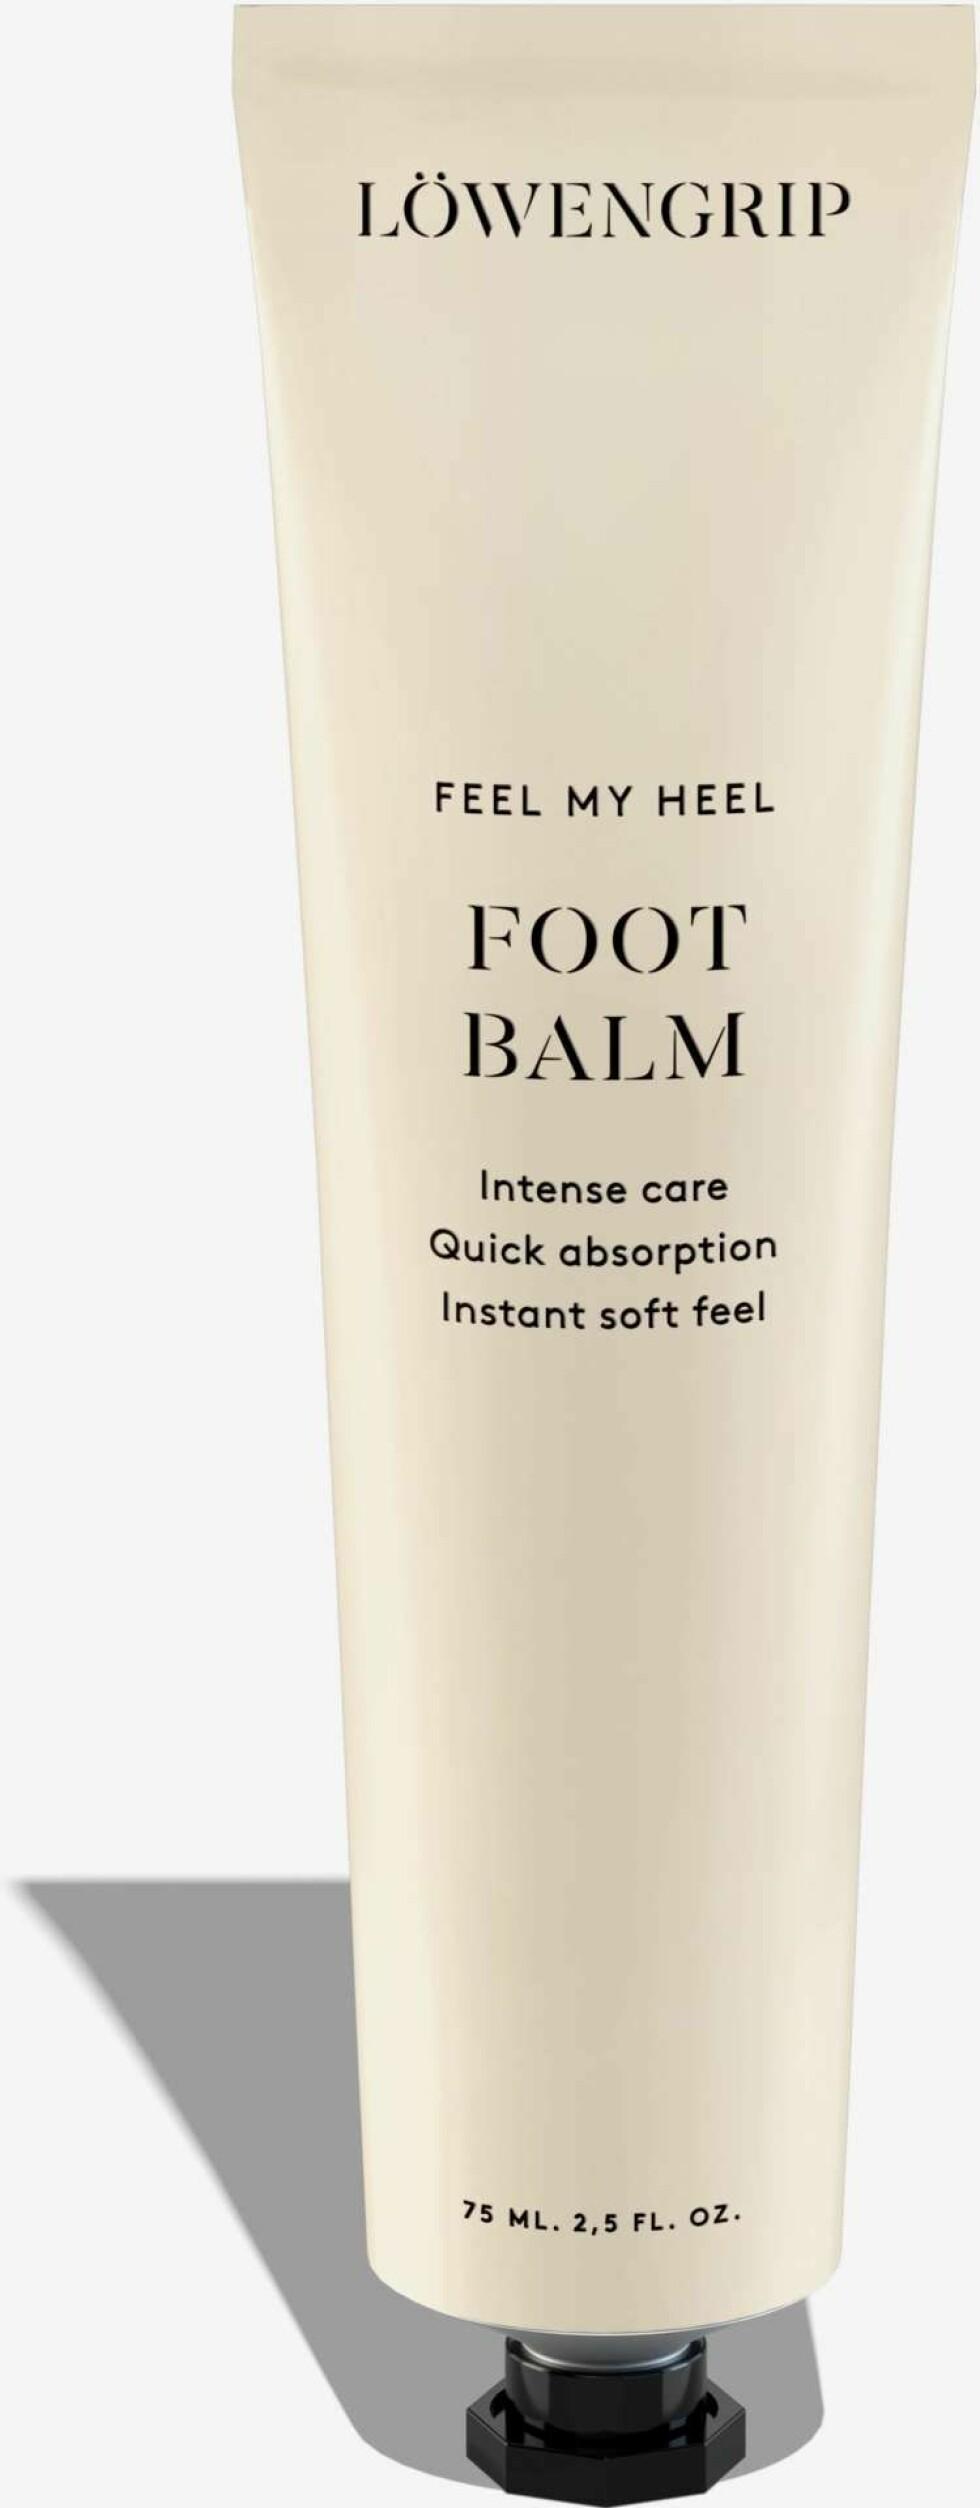 Foot balm fra Löwengrip |119,-|https://www.kicks.no/hudpleie/kroppspleie/fotpleie-pedikyr/feel-my-heel---foot-balm-75-ml